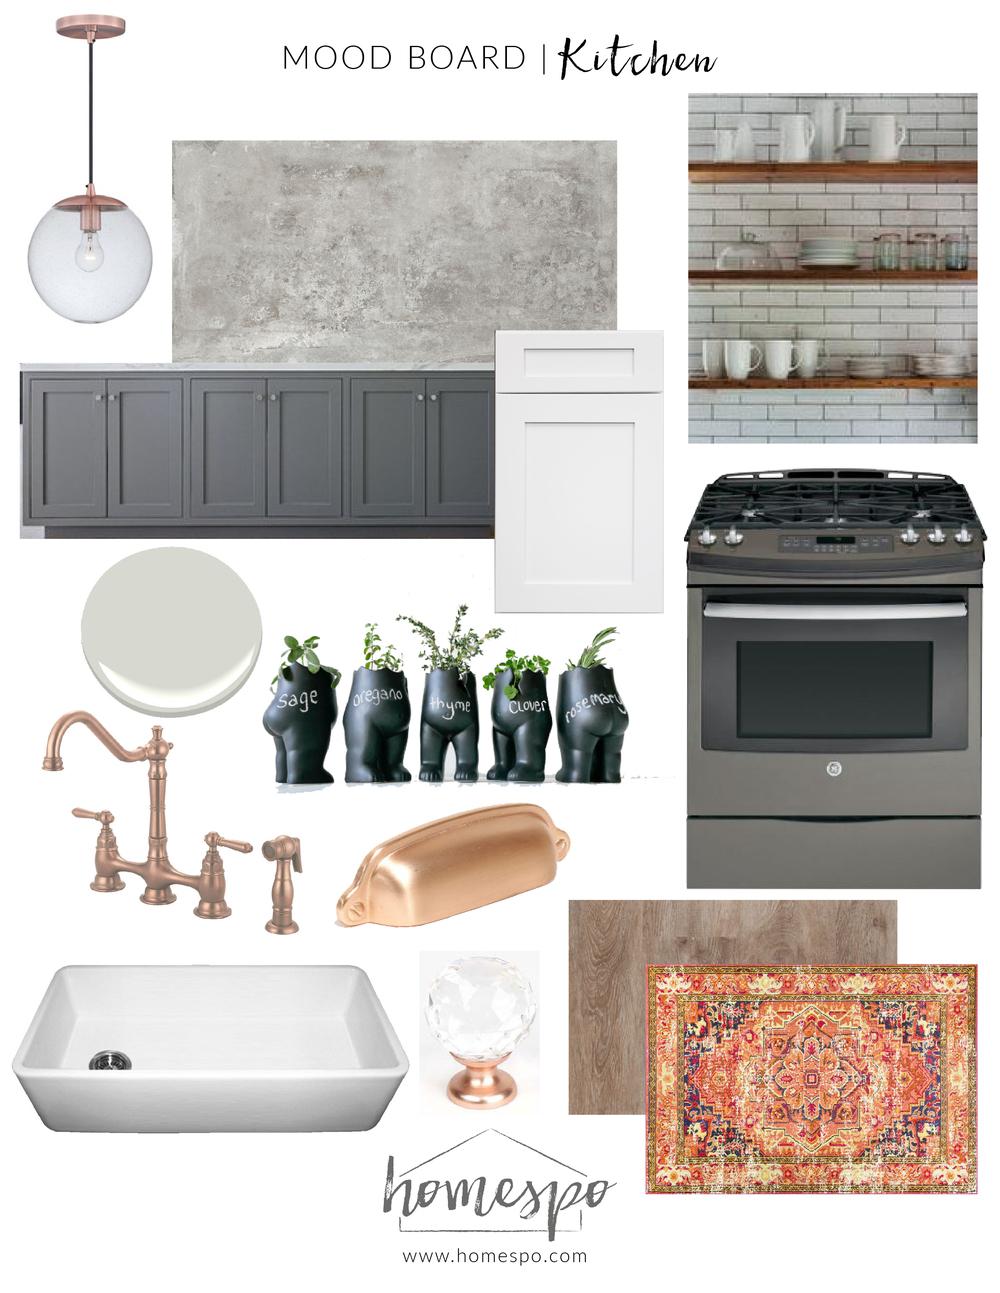 White Gray And Copper Kitchen Mood Board S T U D I O G